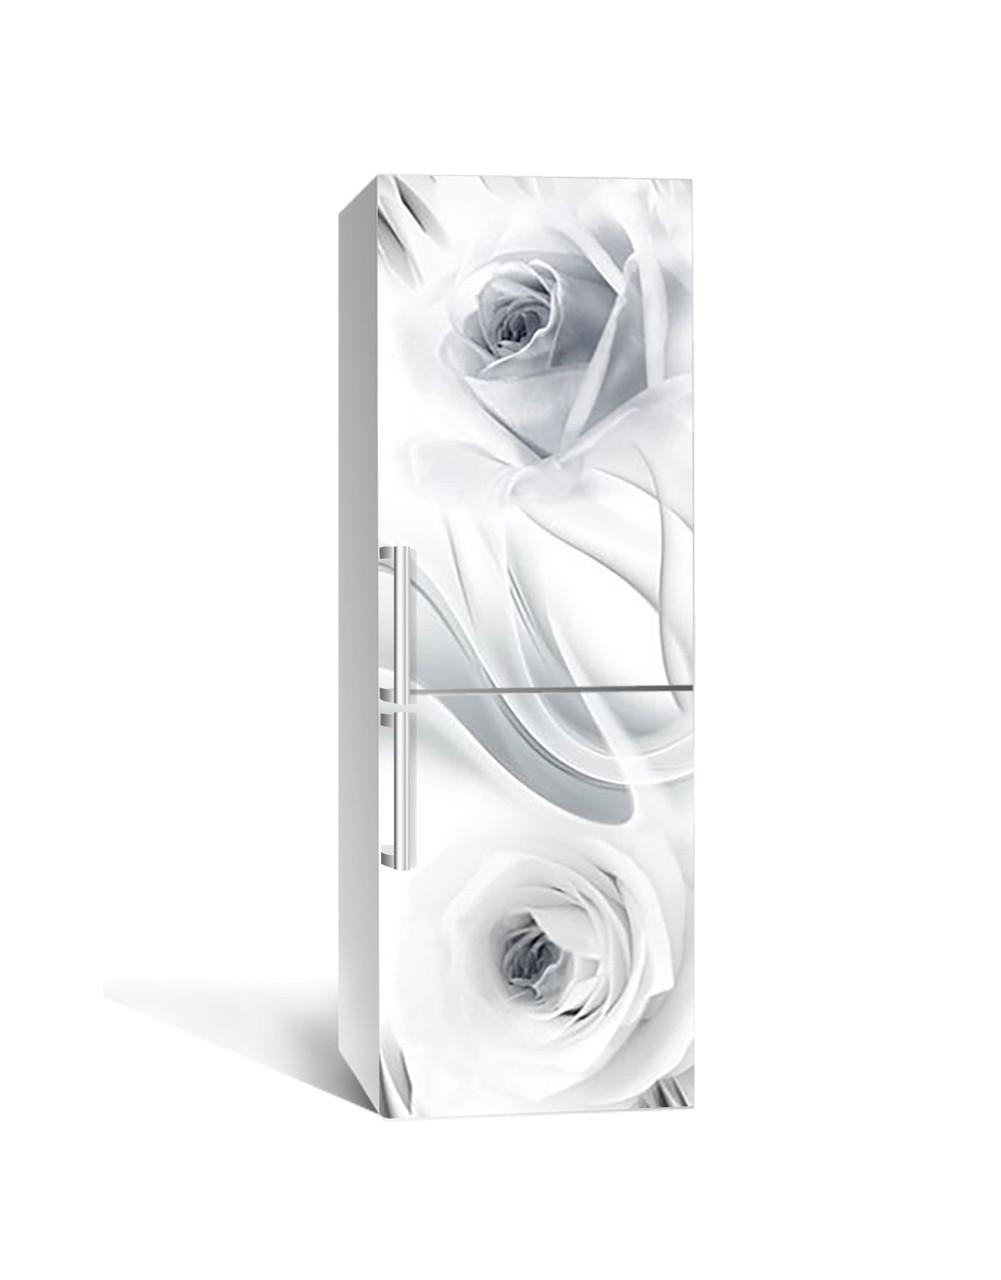 Вінілова наклейка на холодильник 3Д Невагомі Троянди (плівка ПВХ фотодрук) 65*200см Абстракція Сірий